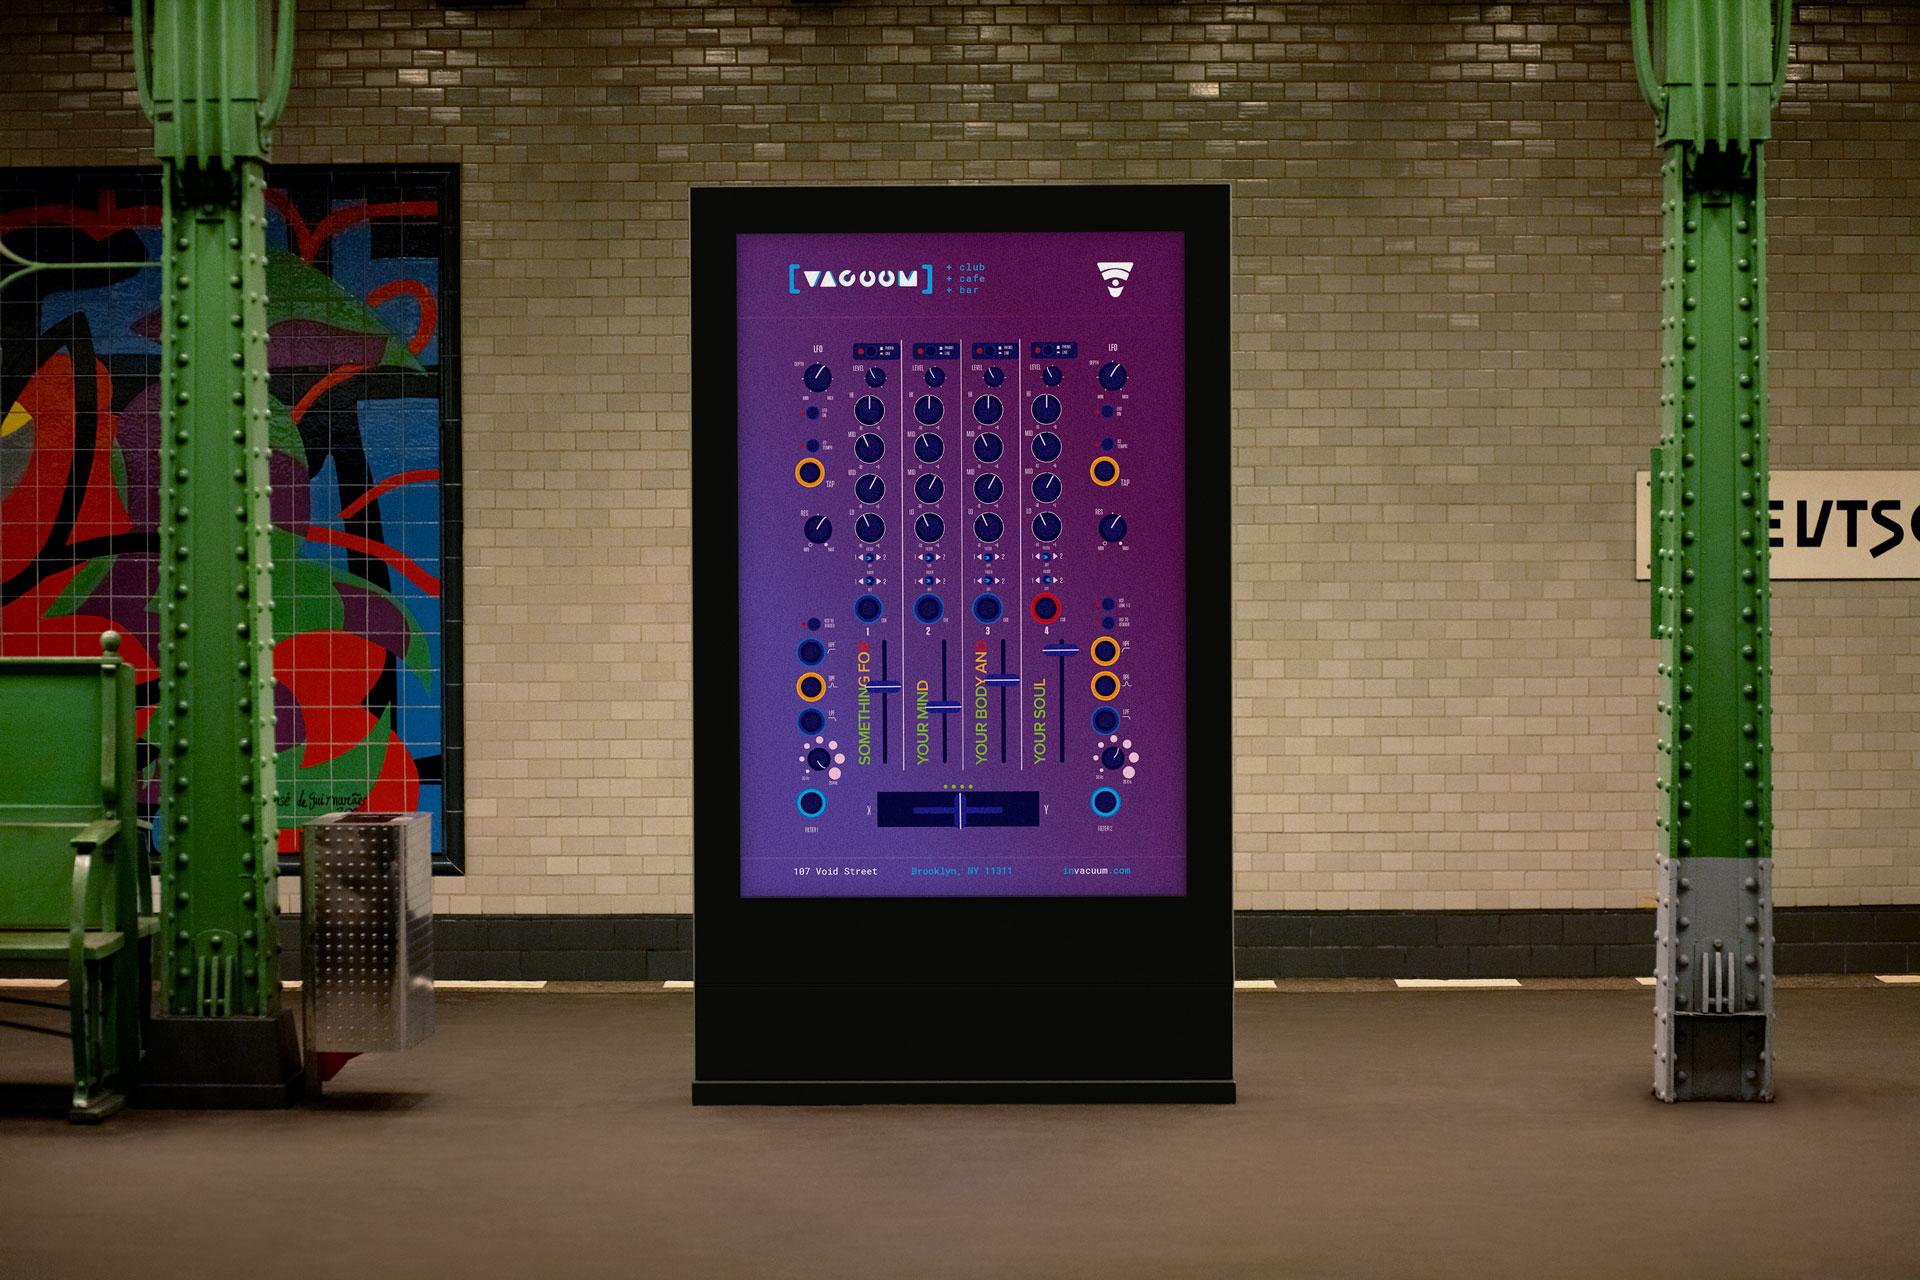 112_metro_station_urban_poster_mockup